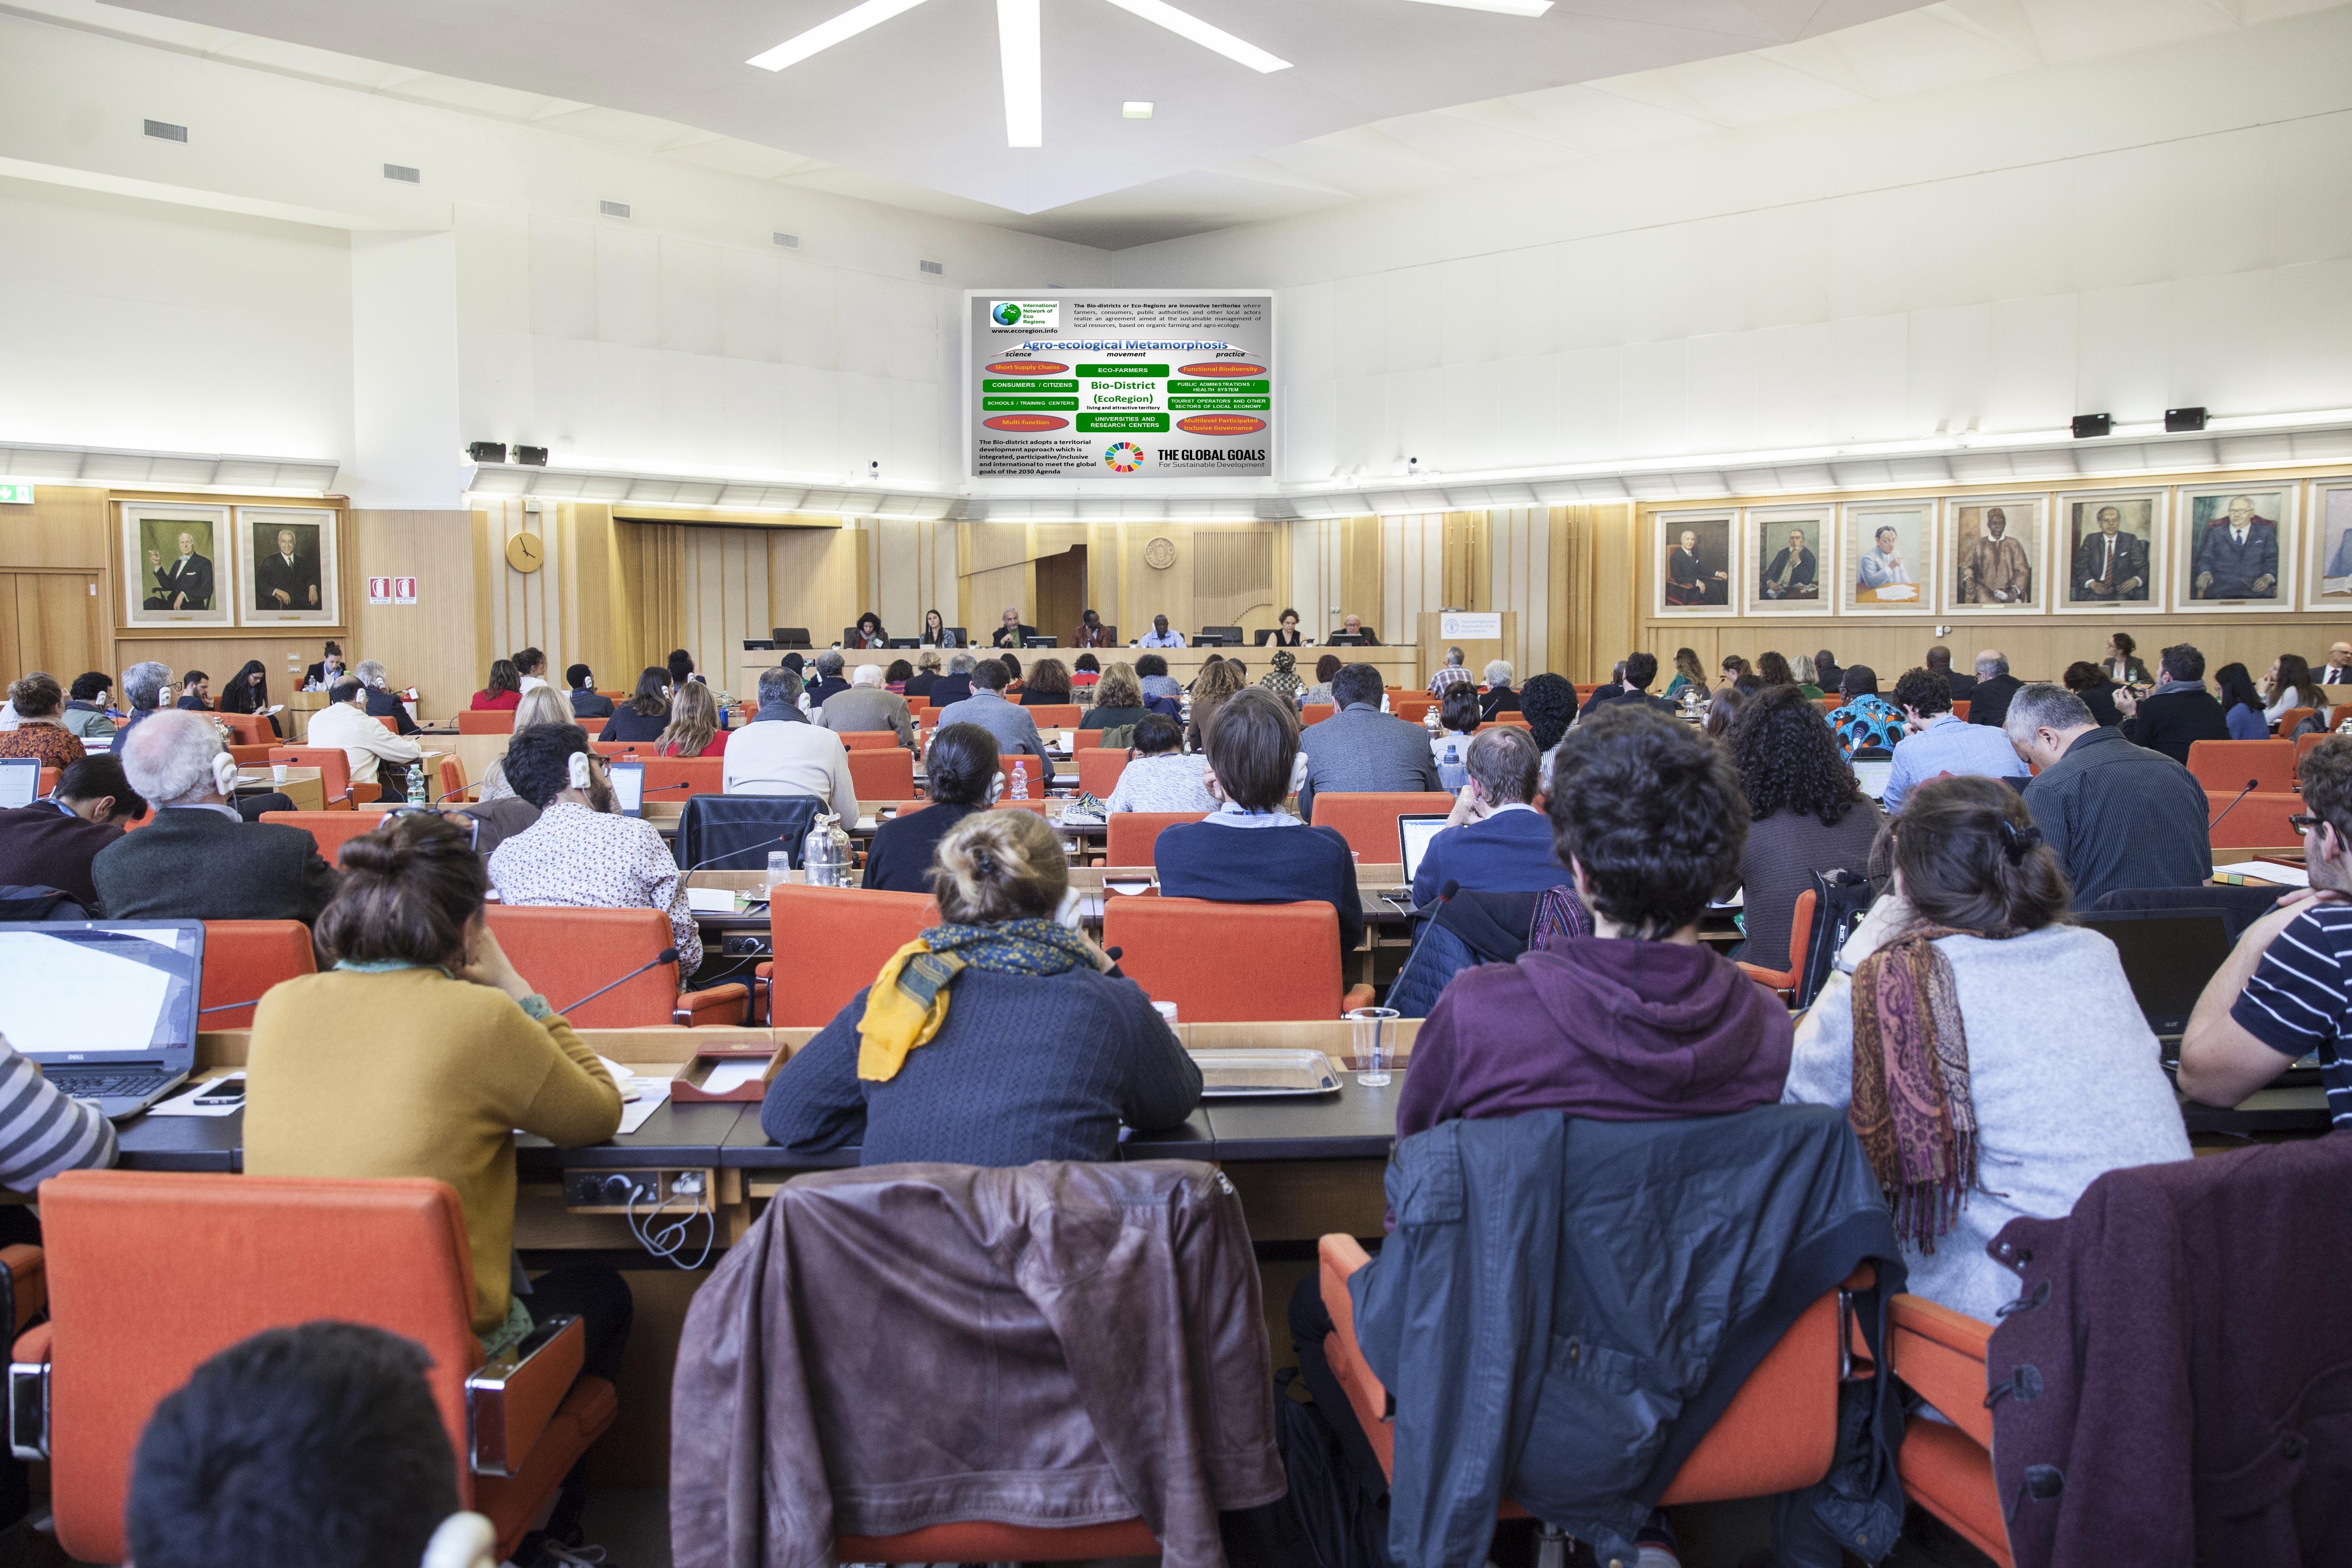 Smposio Internazionale Agroecologia FAO Roma 2018